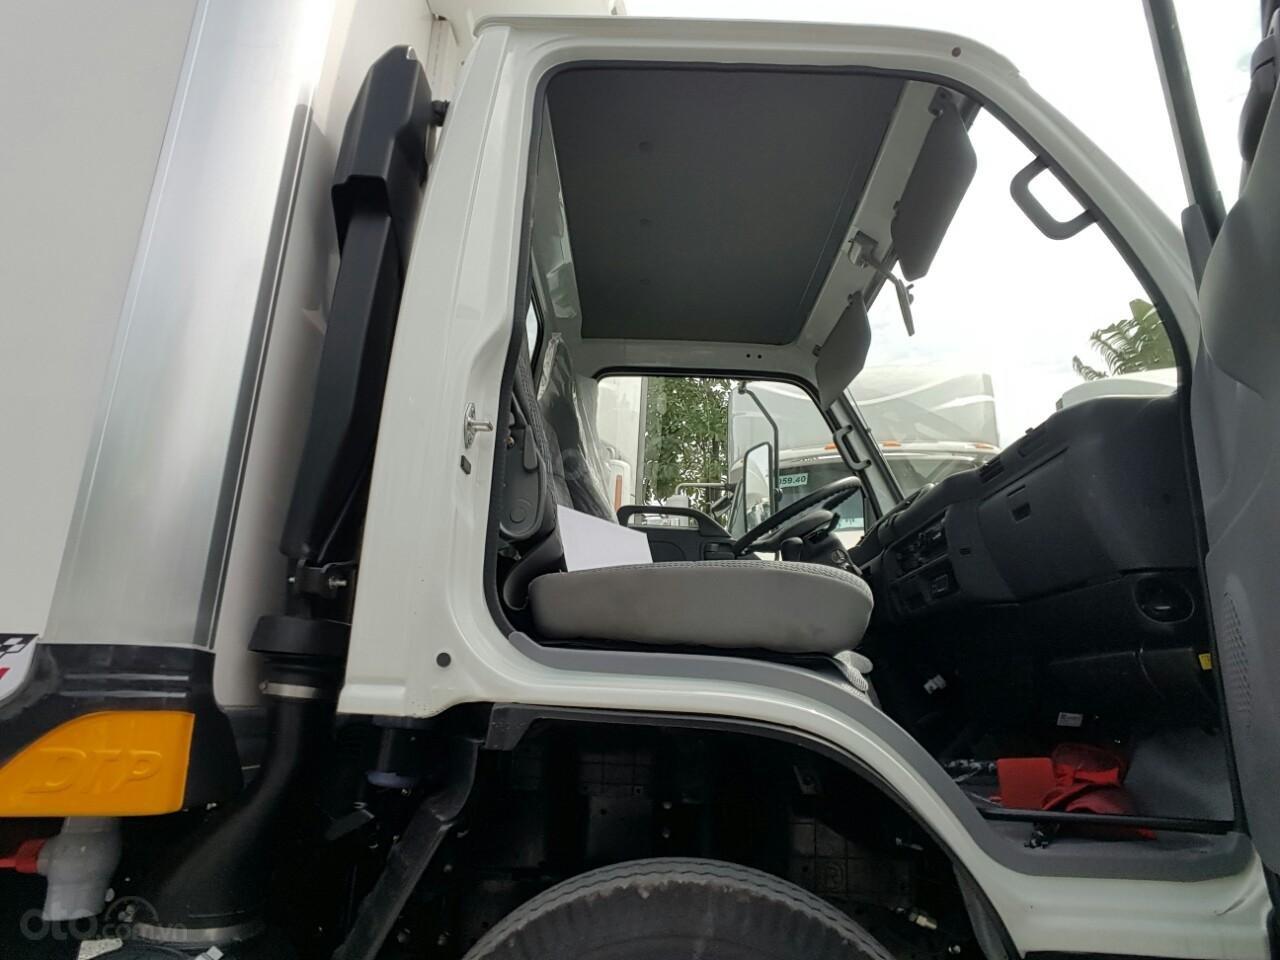 Bán Isuzu QKR77HE4 2019 2 tấn 4, là dòng xe tải nhẹ cao cấp hiện nay, ưu đãi lớn khi mua xe. LH: 0939683779 (6)